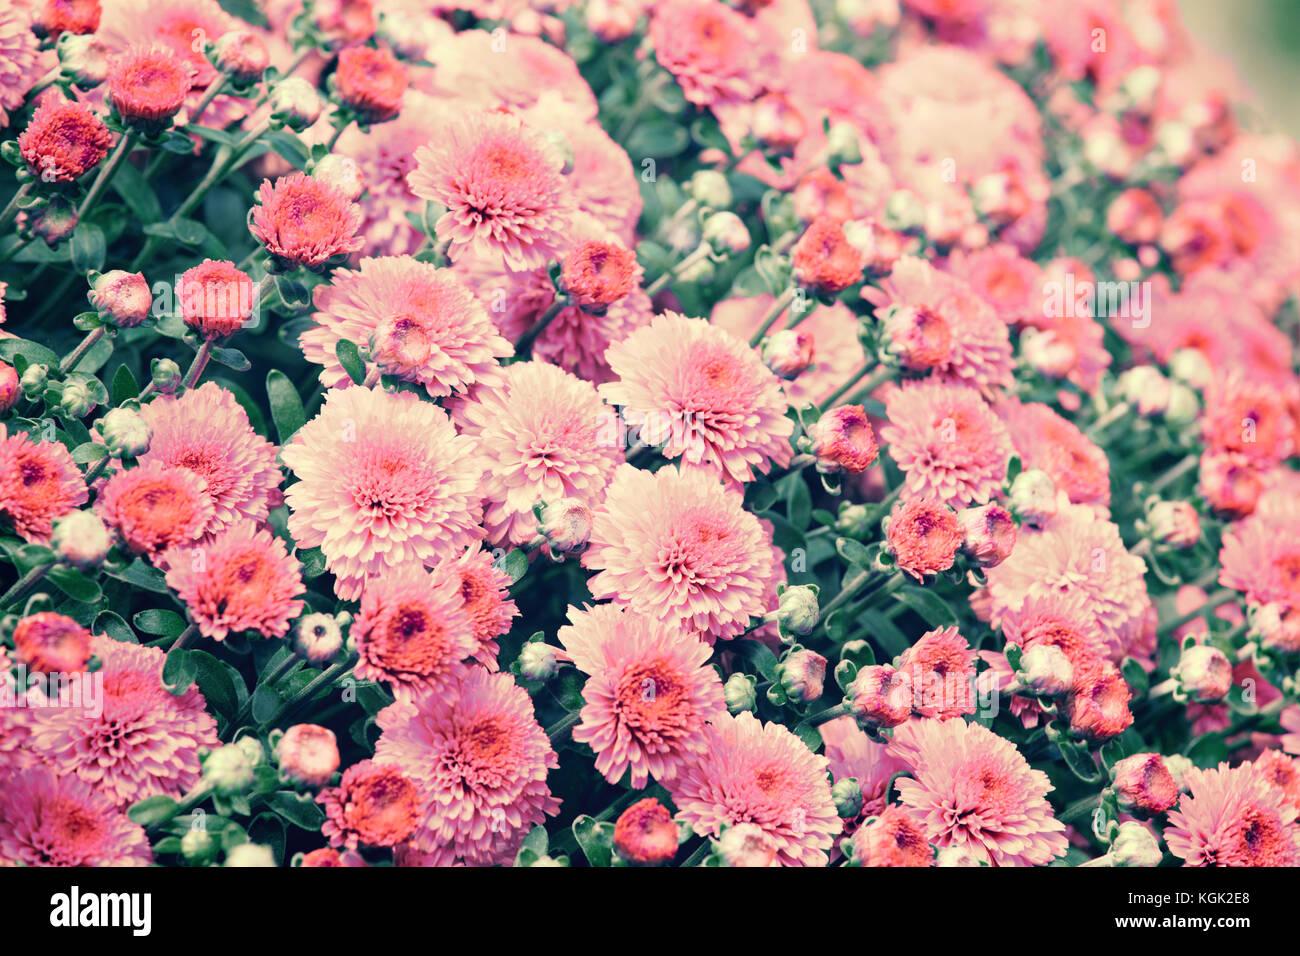 Fondo De Flores Vintage: Fondo De Flores Vintage Foto & Imagen De Stock: 165146864